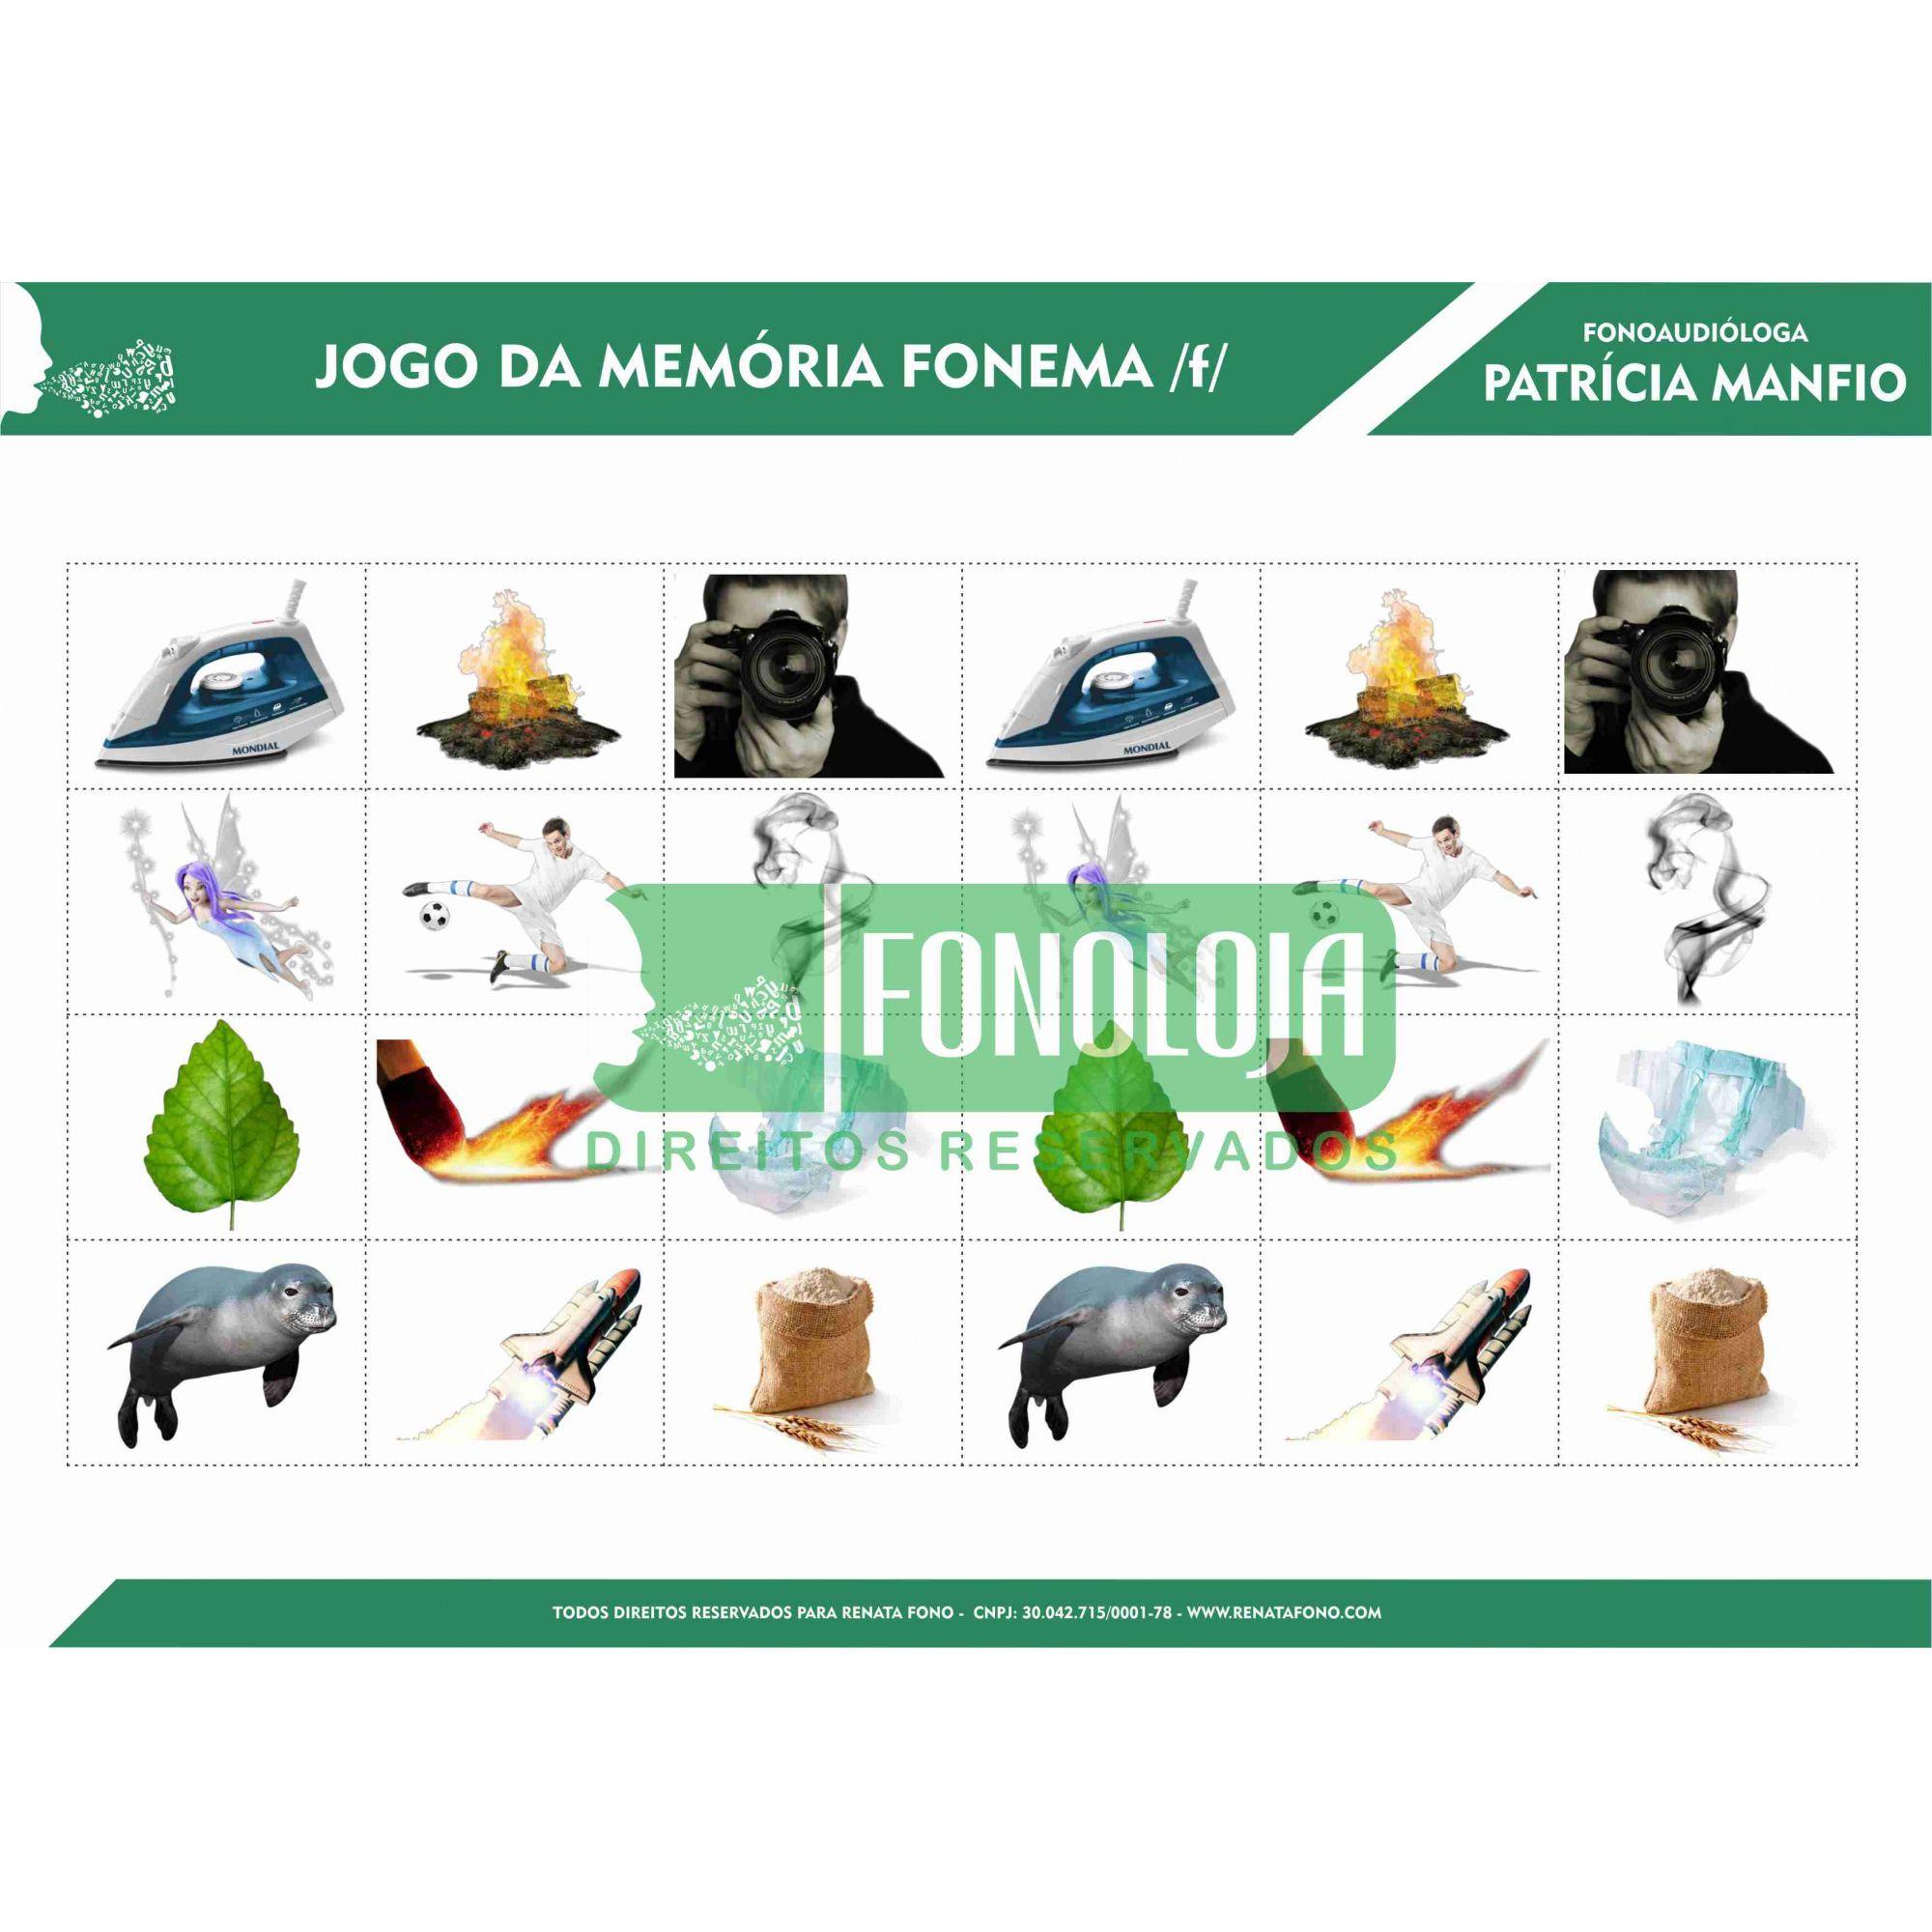 KIT 02 - JOGOS DA MEMÓRIA FONEMAS FRICATIVOS